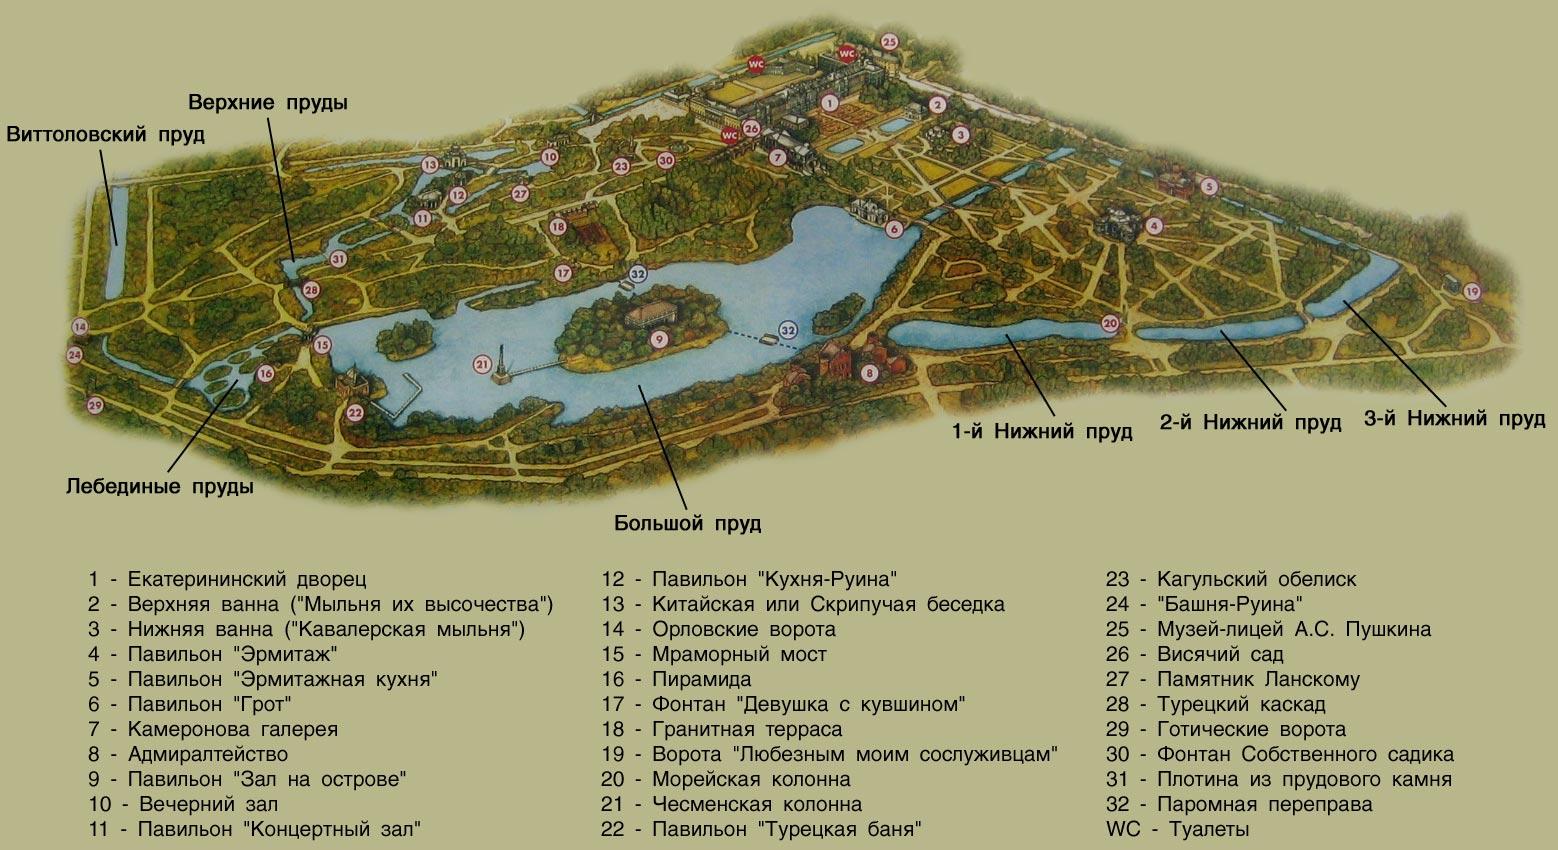 В новой части Царскосельского парка (ныне Александровский парк) Растрелли построил павильон Монбижу (фр. mon bijou...